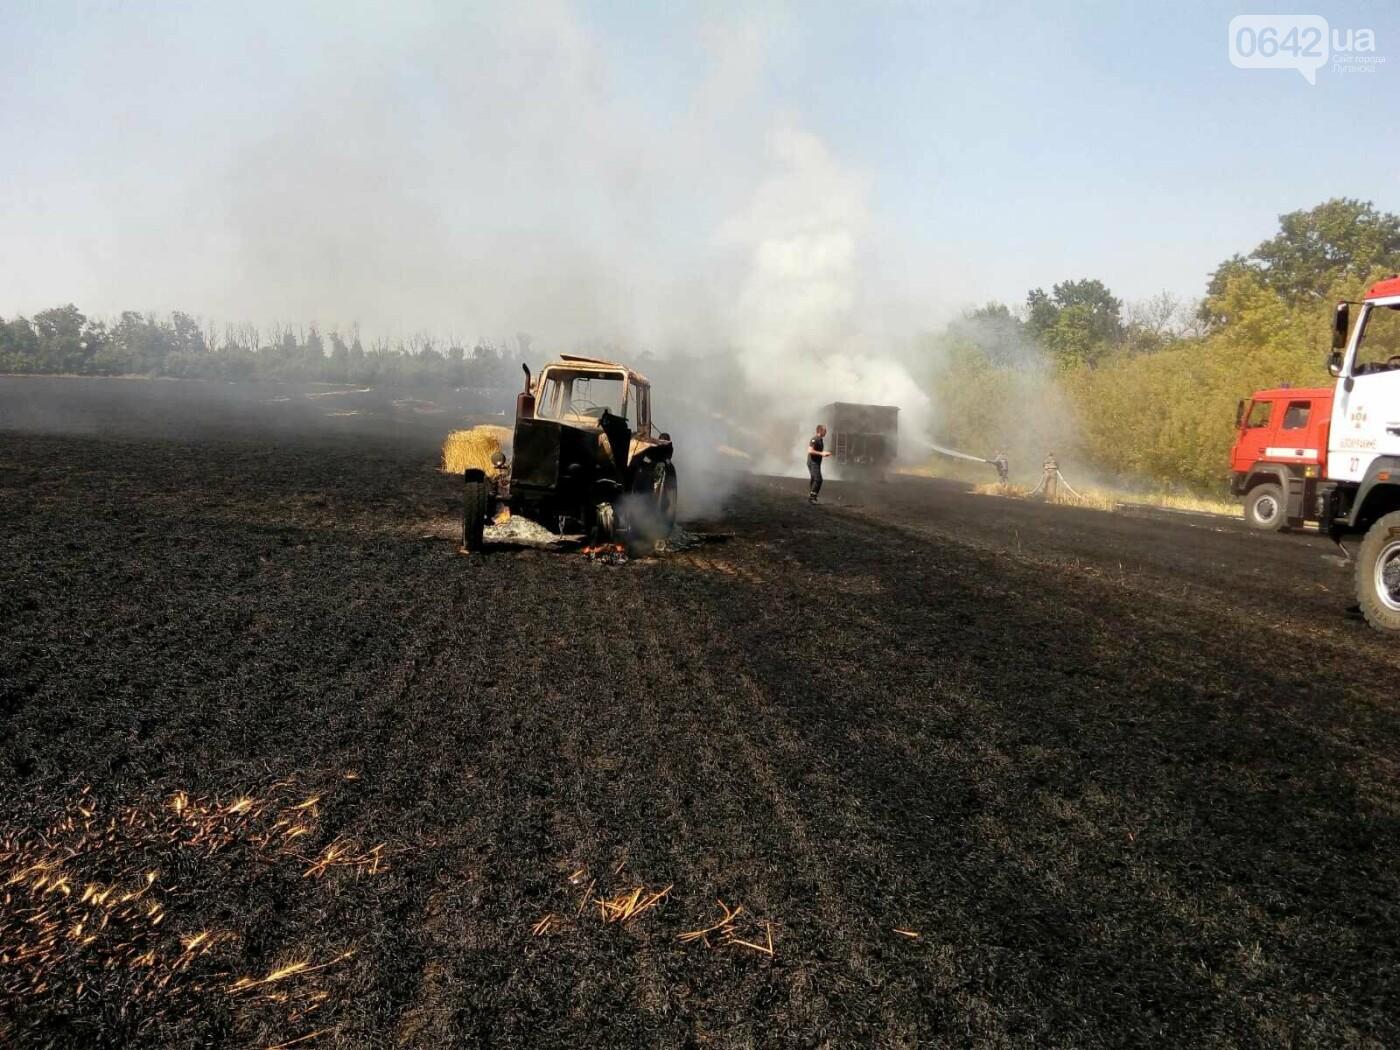 На Луганщине горело поле пшеницы, - ФОТО, фото-1